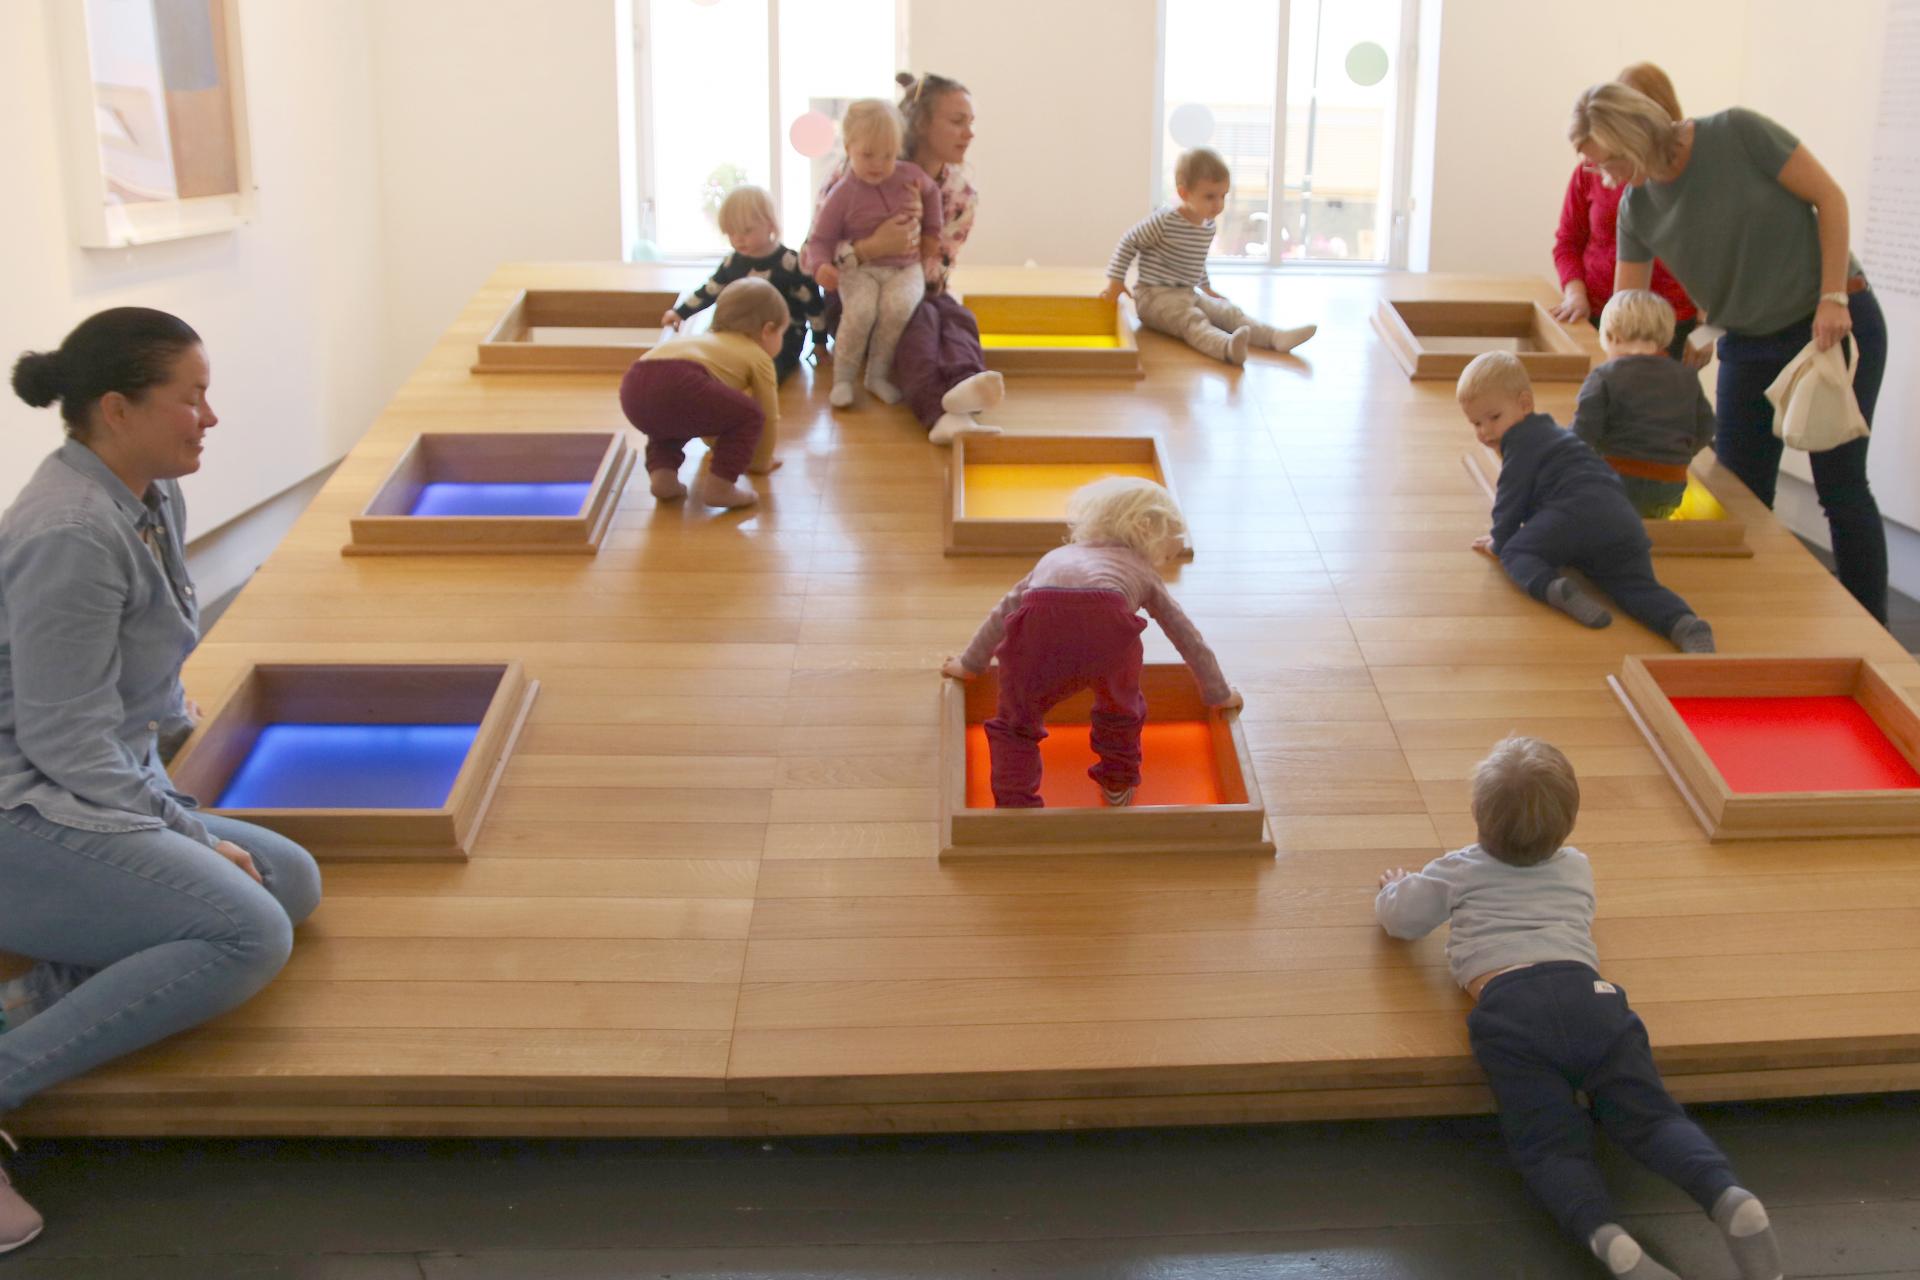 Barnas Kunstmuseum Sørlandets Kunstmuseum aktiviteter for barn og familier i Kristiansand